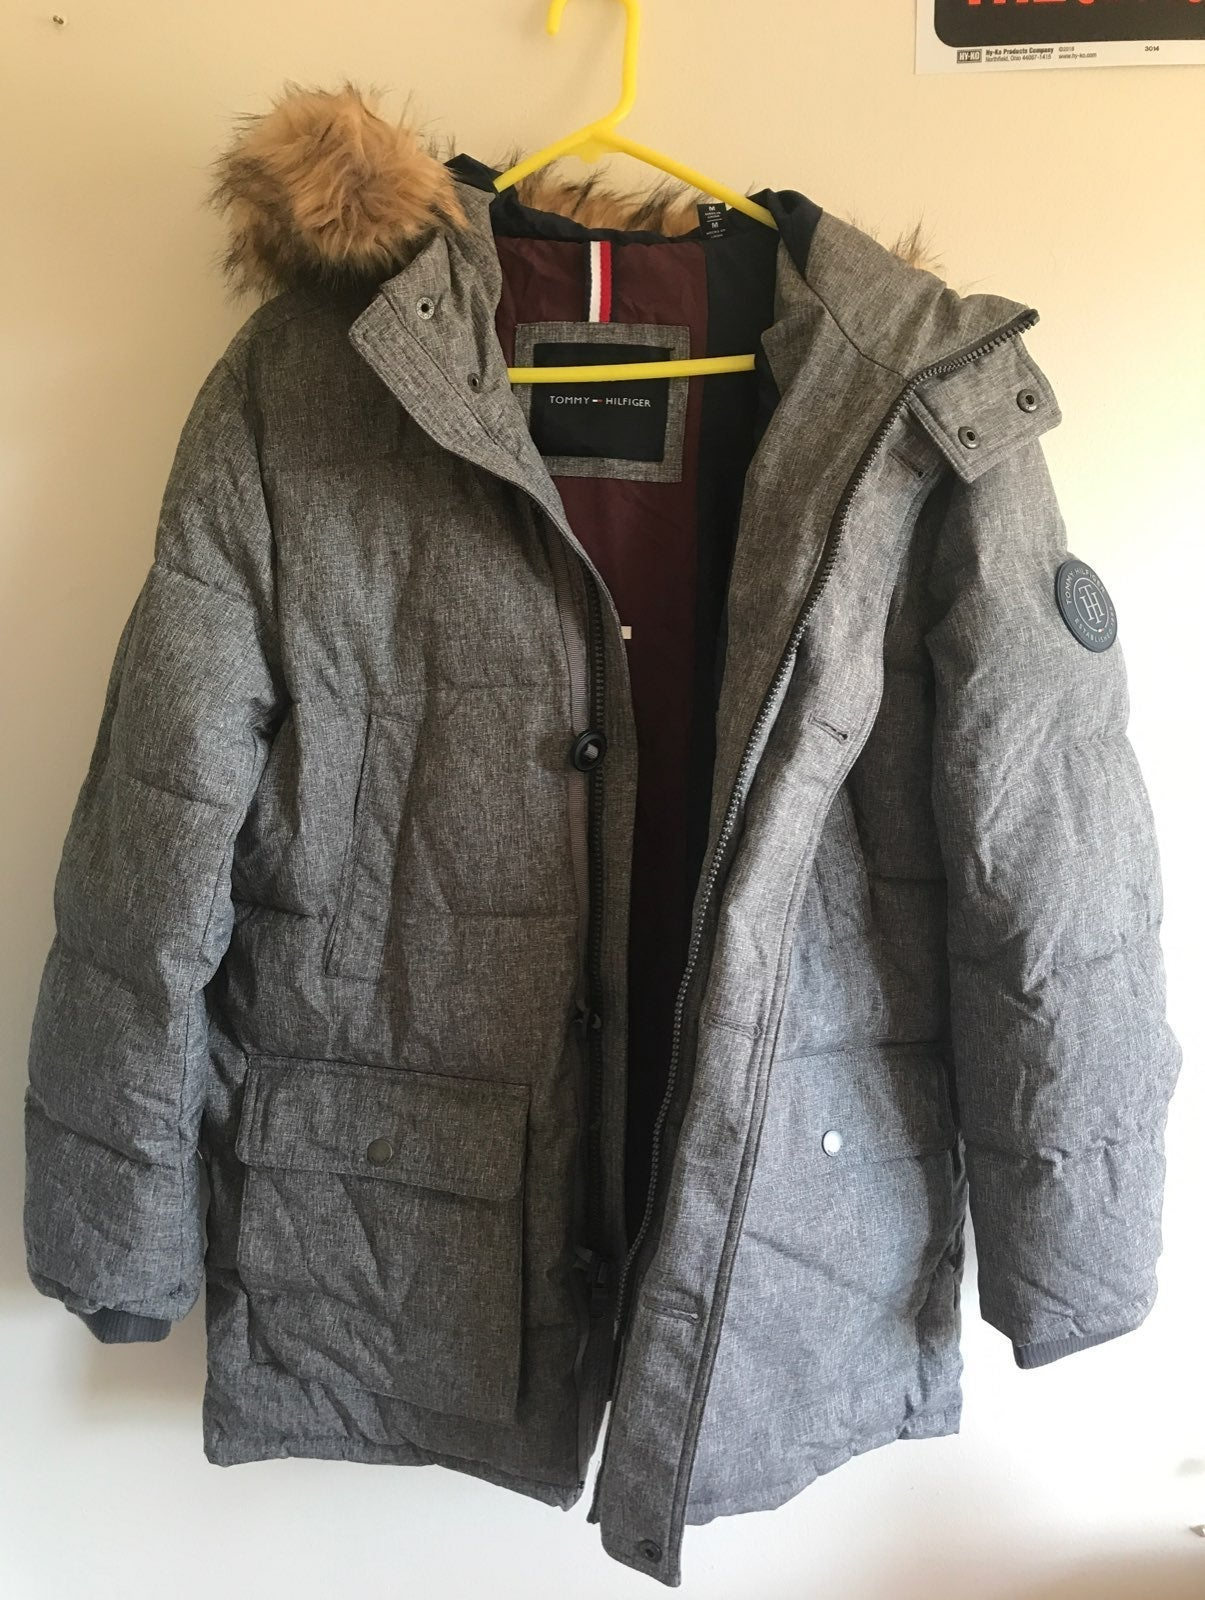 Tommy Hilfiger Long Snorkel Jacket/Coat